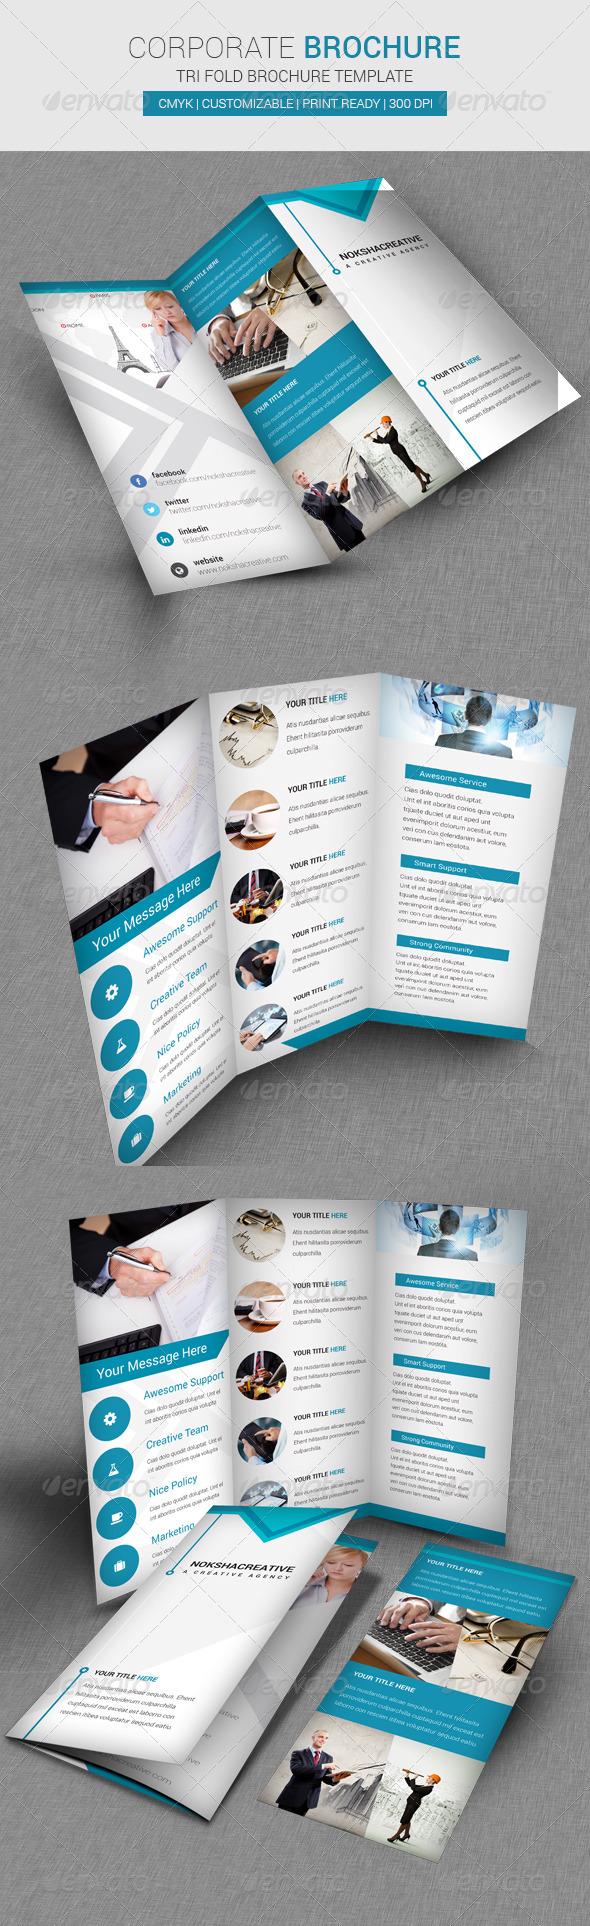 GraphicRiver Corporate Tri Fold Brochure Template 6874226